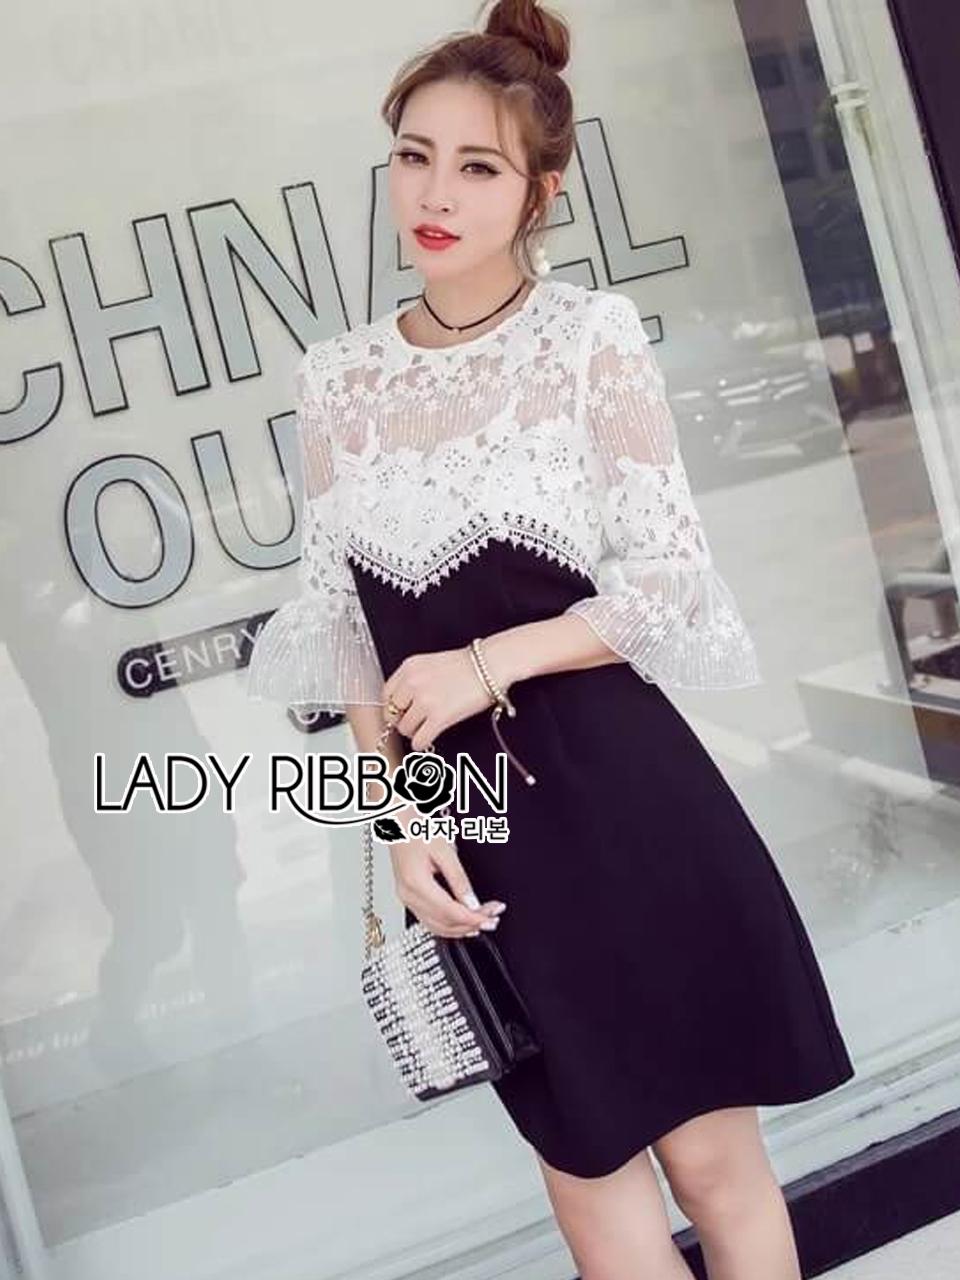 เดรสผ้าลูกไม้สีขาวตกแต่งผ้าดำสุดหรูครึ่งบนเป็นผ้าลูกไม้สีขาวแบบโปร่ง ช่วงกระโปรงสีดำ ใส่ออกงานหรูได้เลยค่ะ มี S M by Lady Ribbon